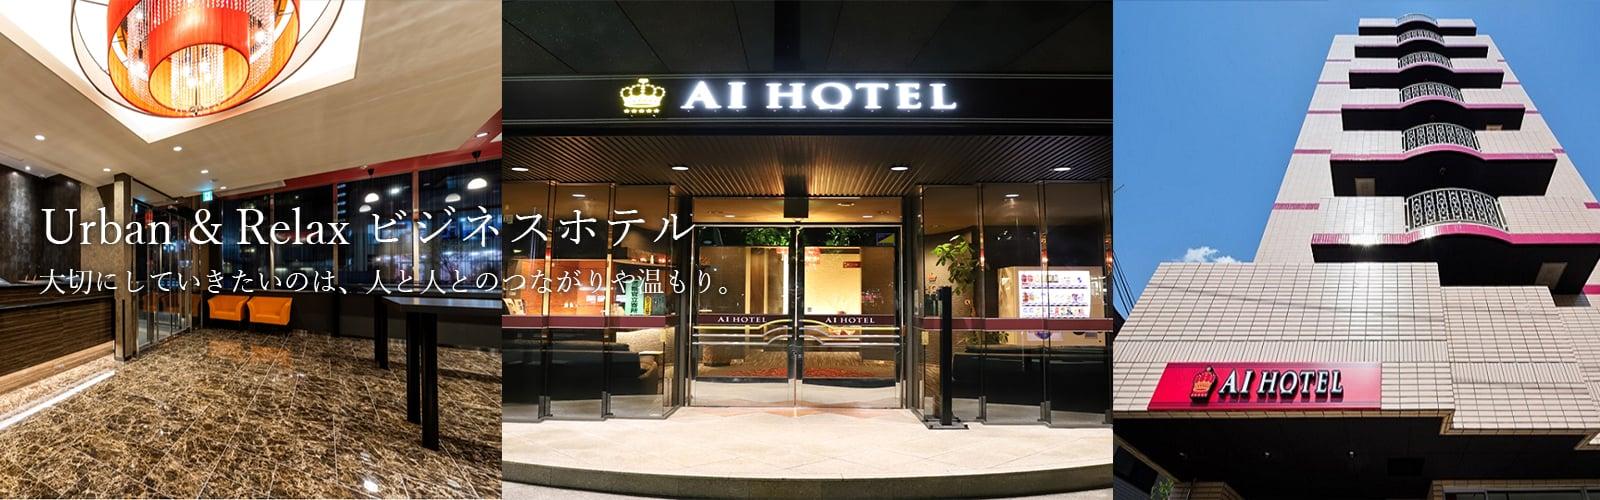 Urban & Relax ビジネスホテル 大切にしていきたいのは、人と人とのつながりや温もり。